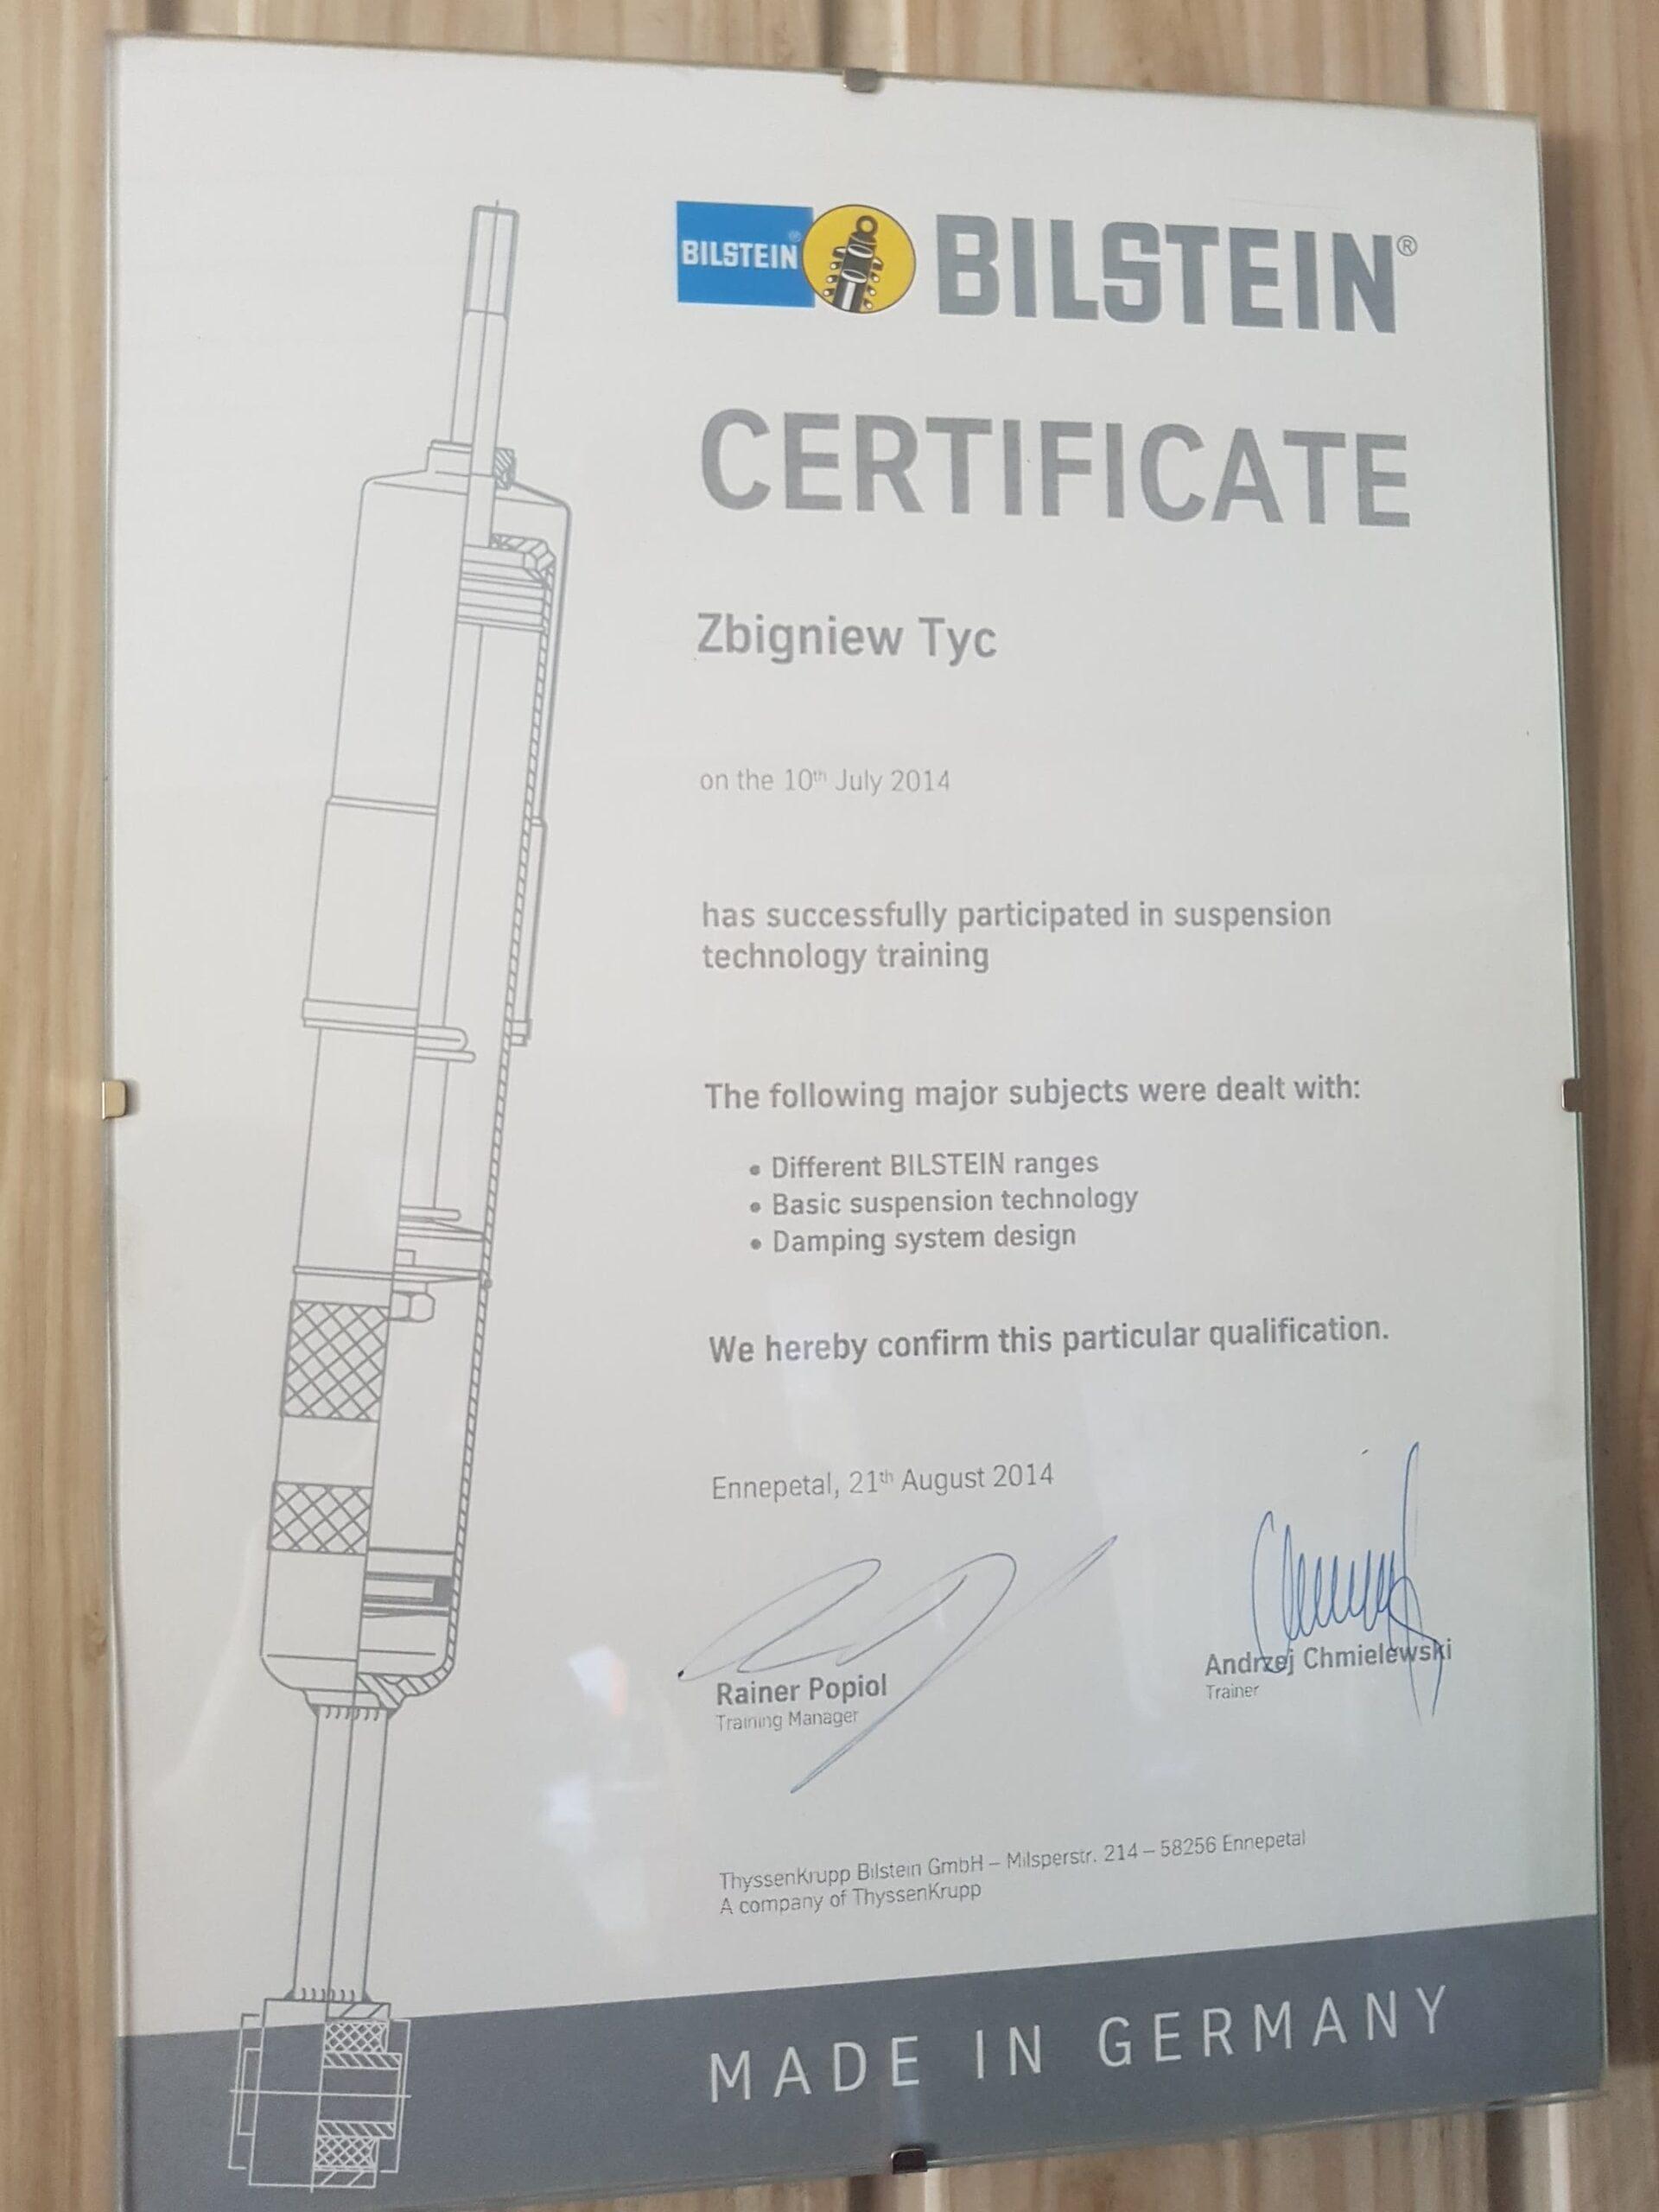 Certyfikat Bilstein Uklad Zawieszenia Elektromechanika Tyc Płock